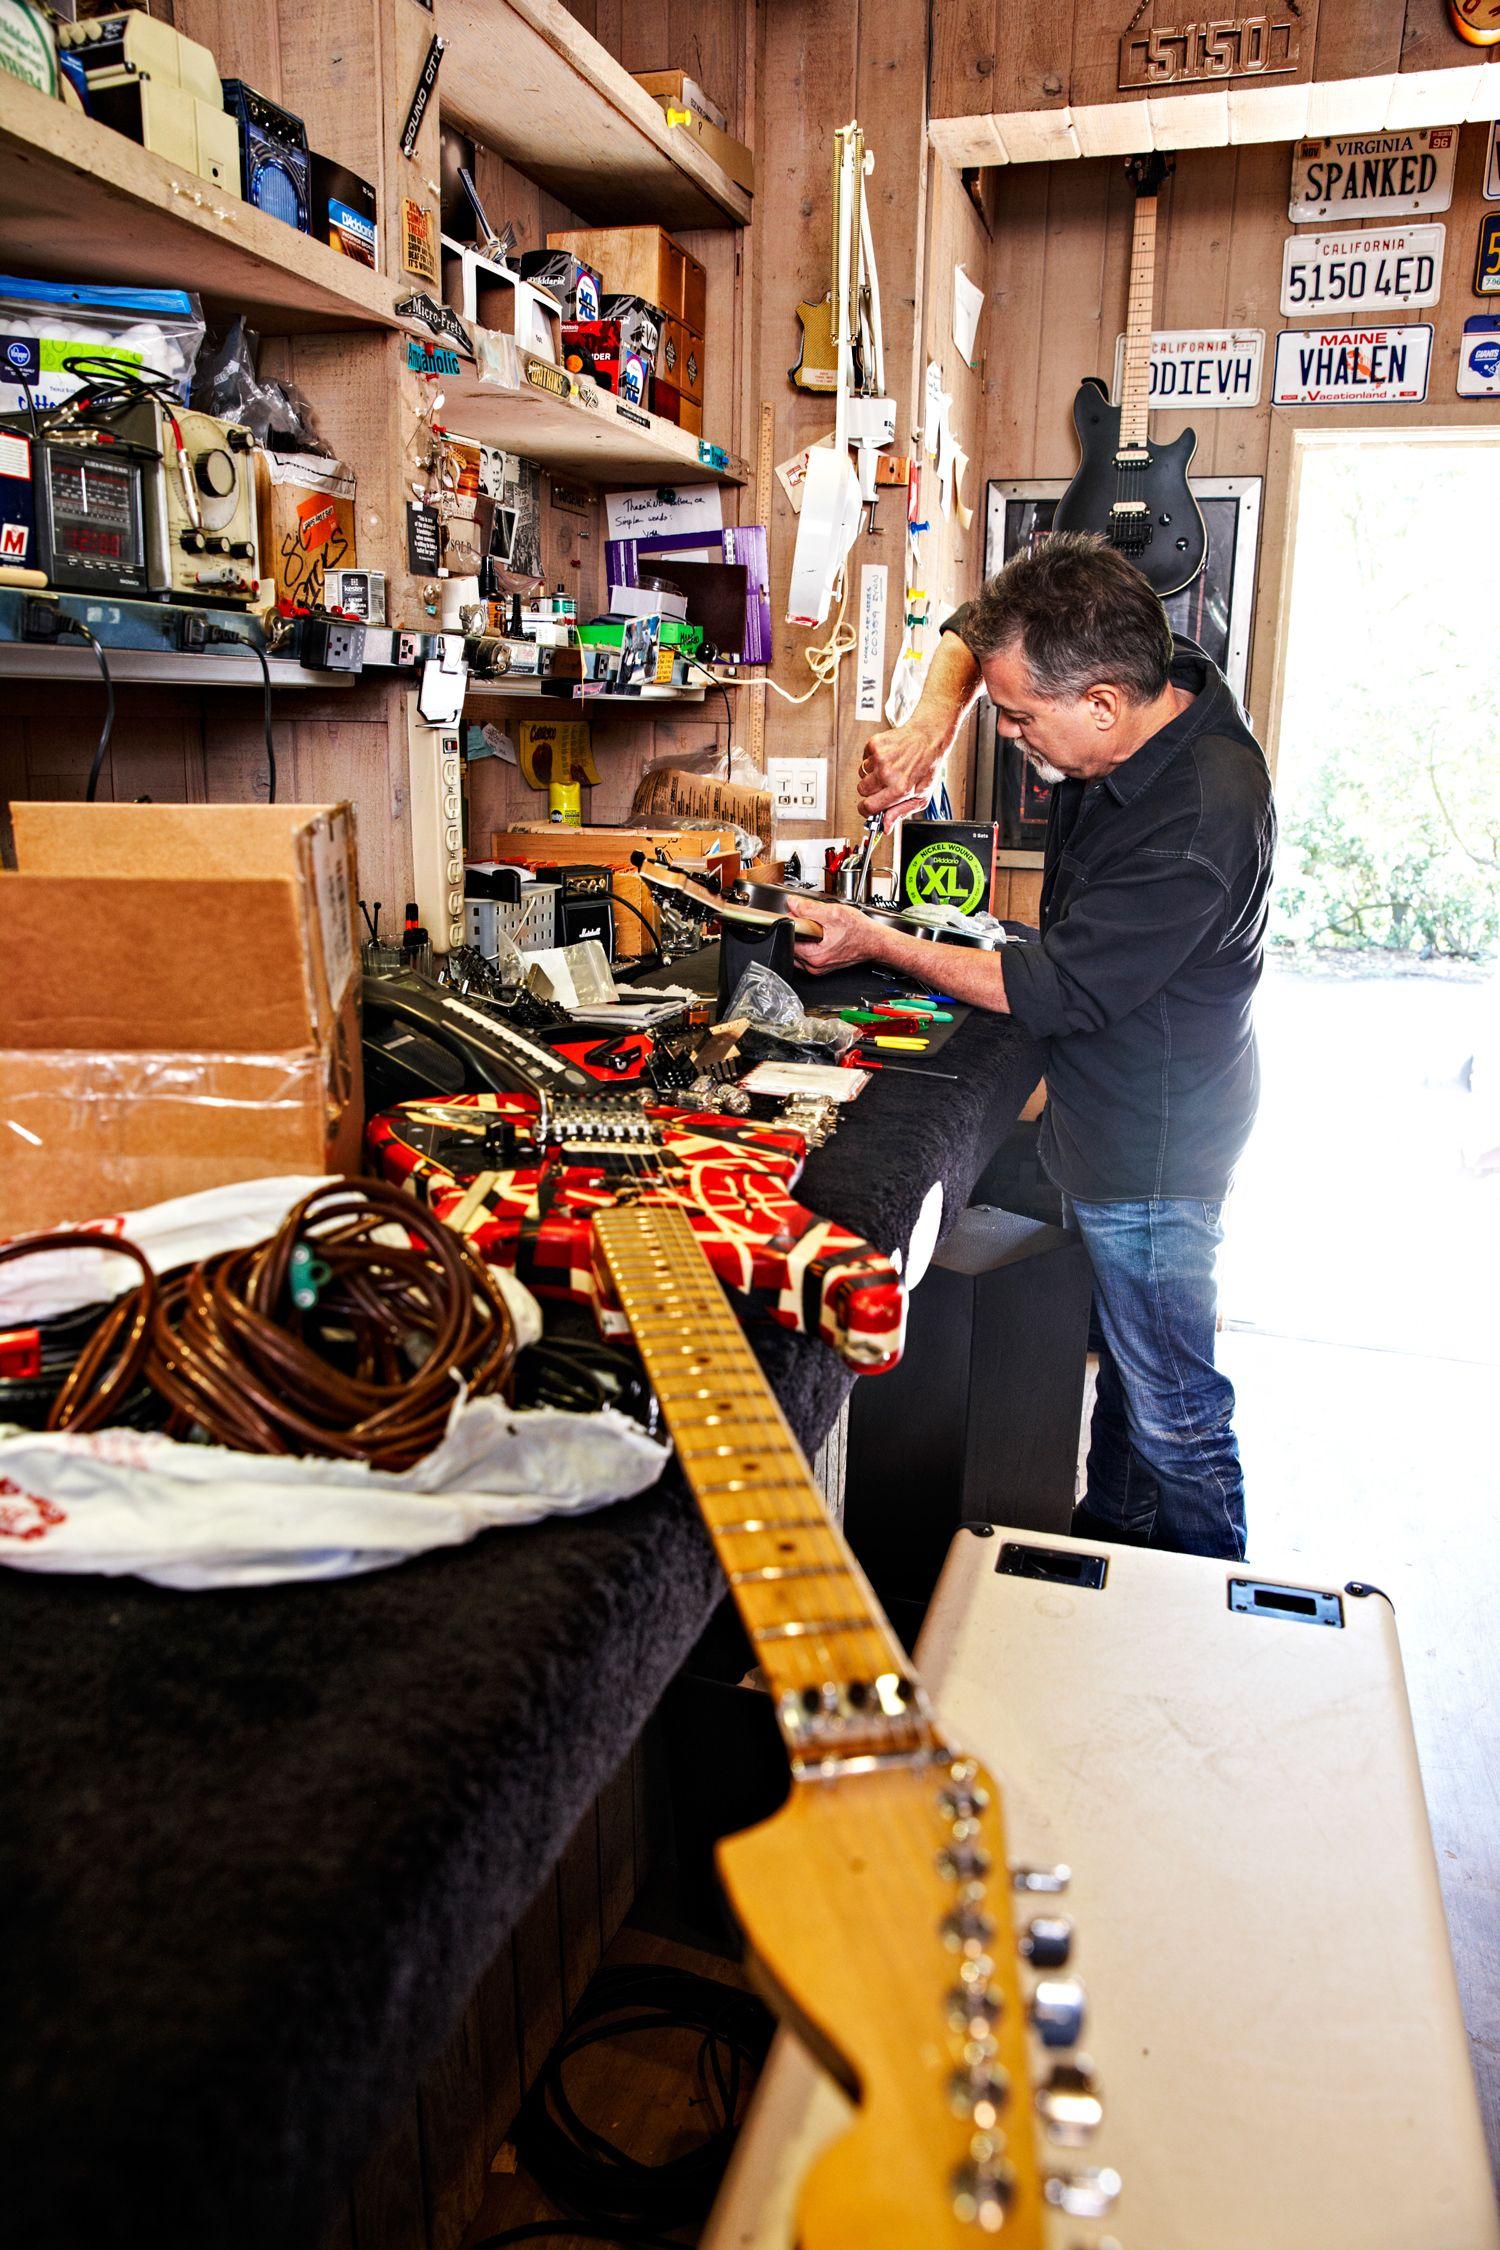 https://www popularmechanics com/technology/a15615/how-eddie-van-halen-hacks-a-guitar/